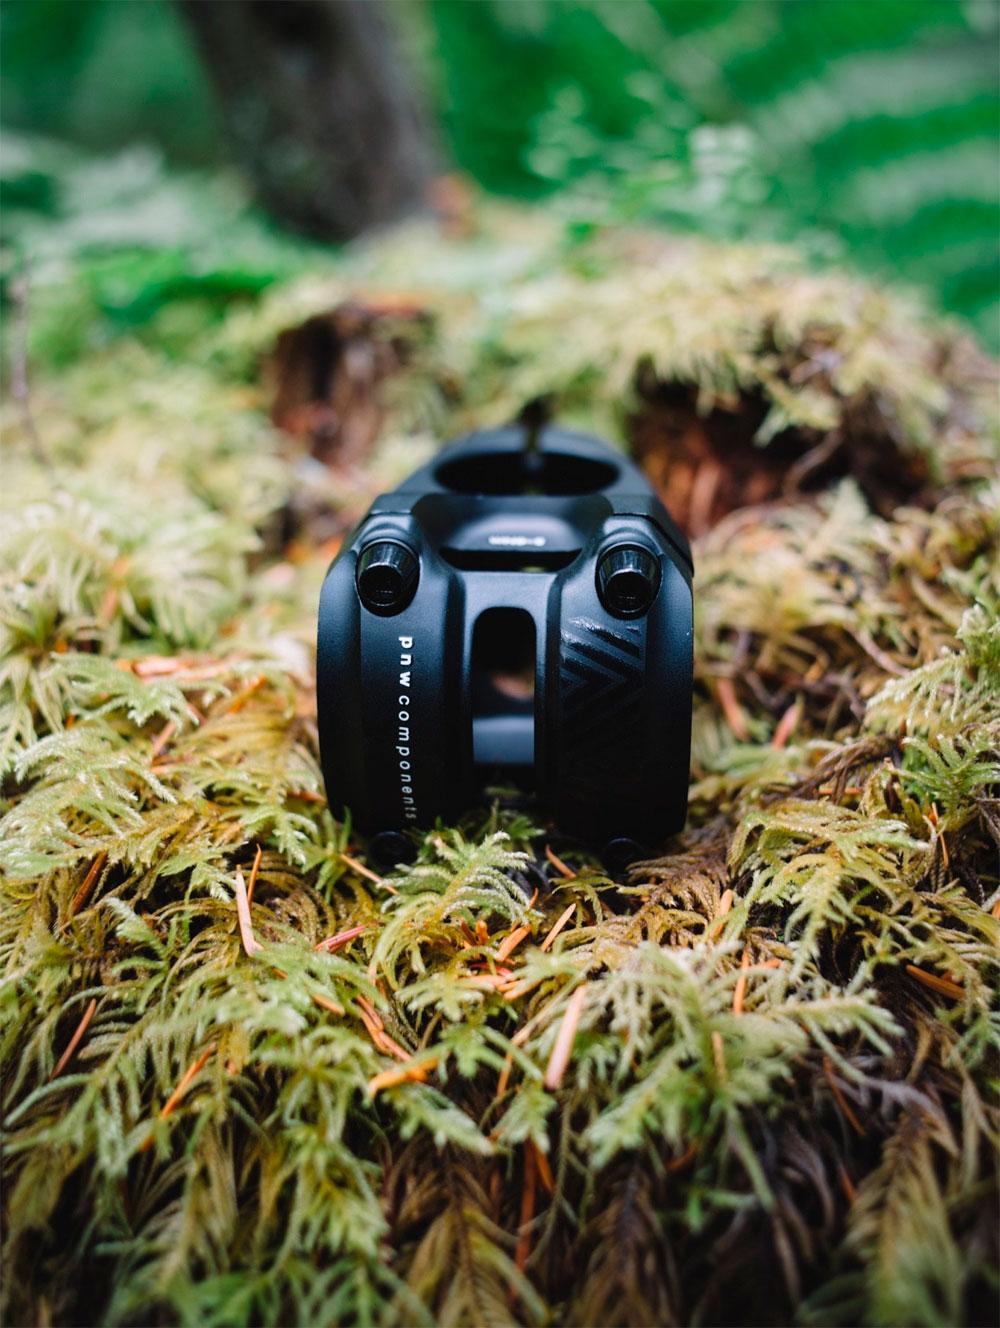 En TodoMountainBike: PNW Range, una potencia con anclaje integrado para cámaras GoPro o Garmin